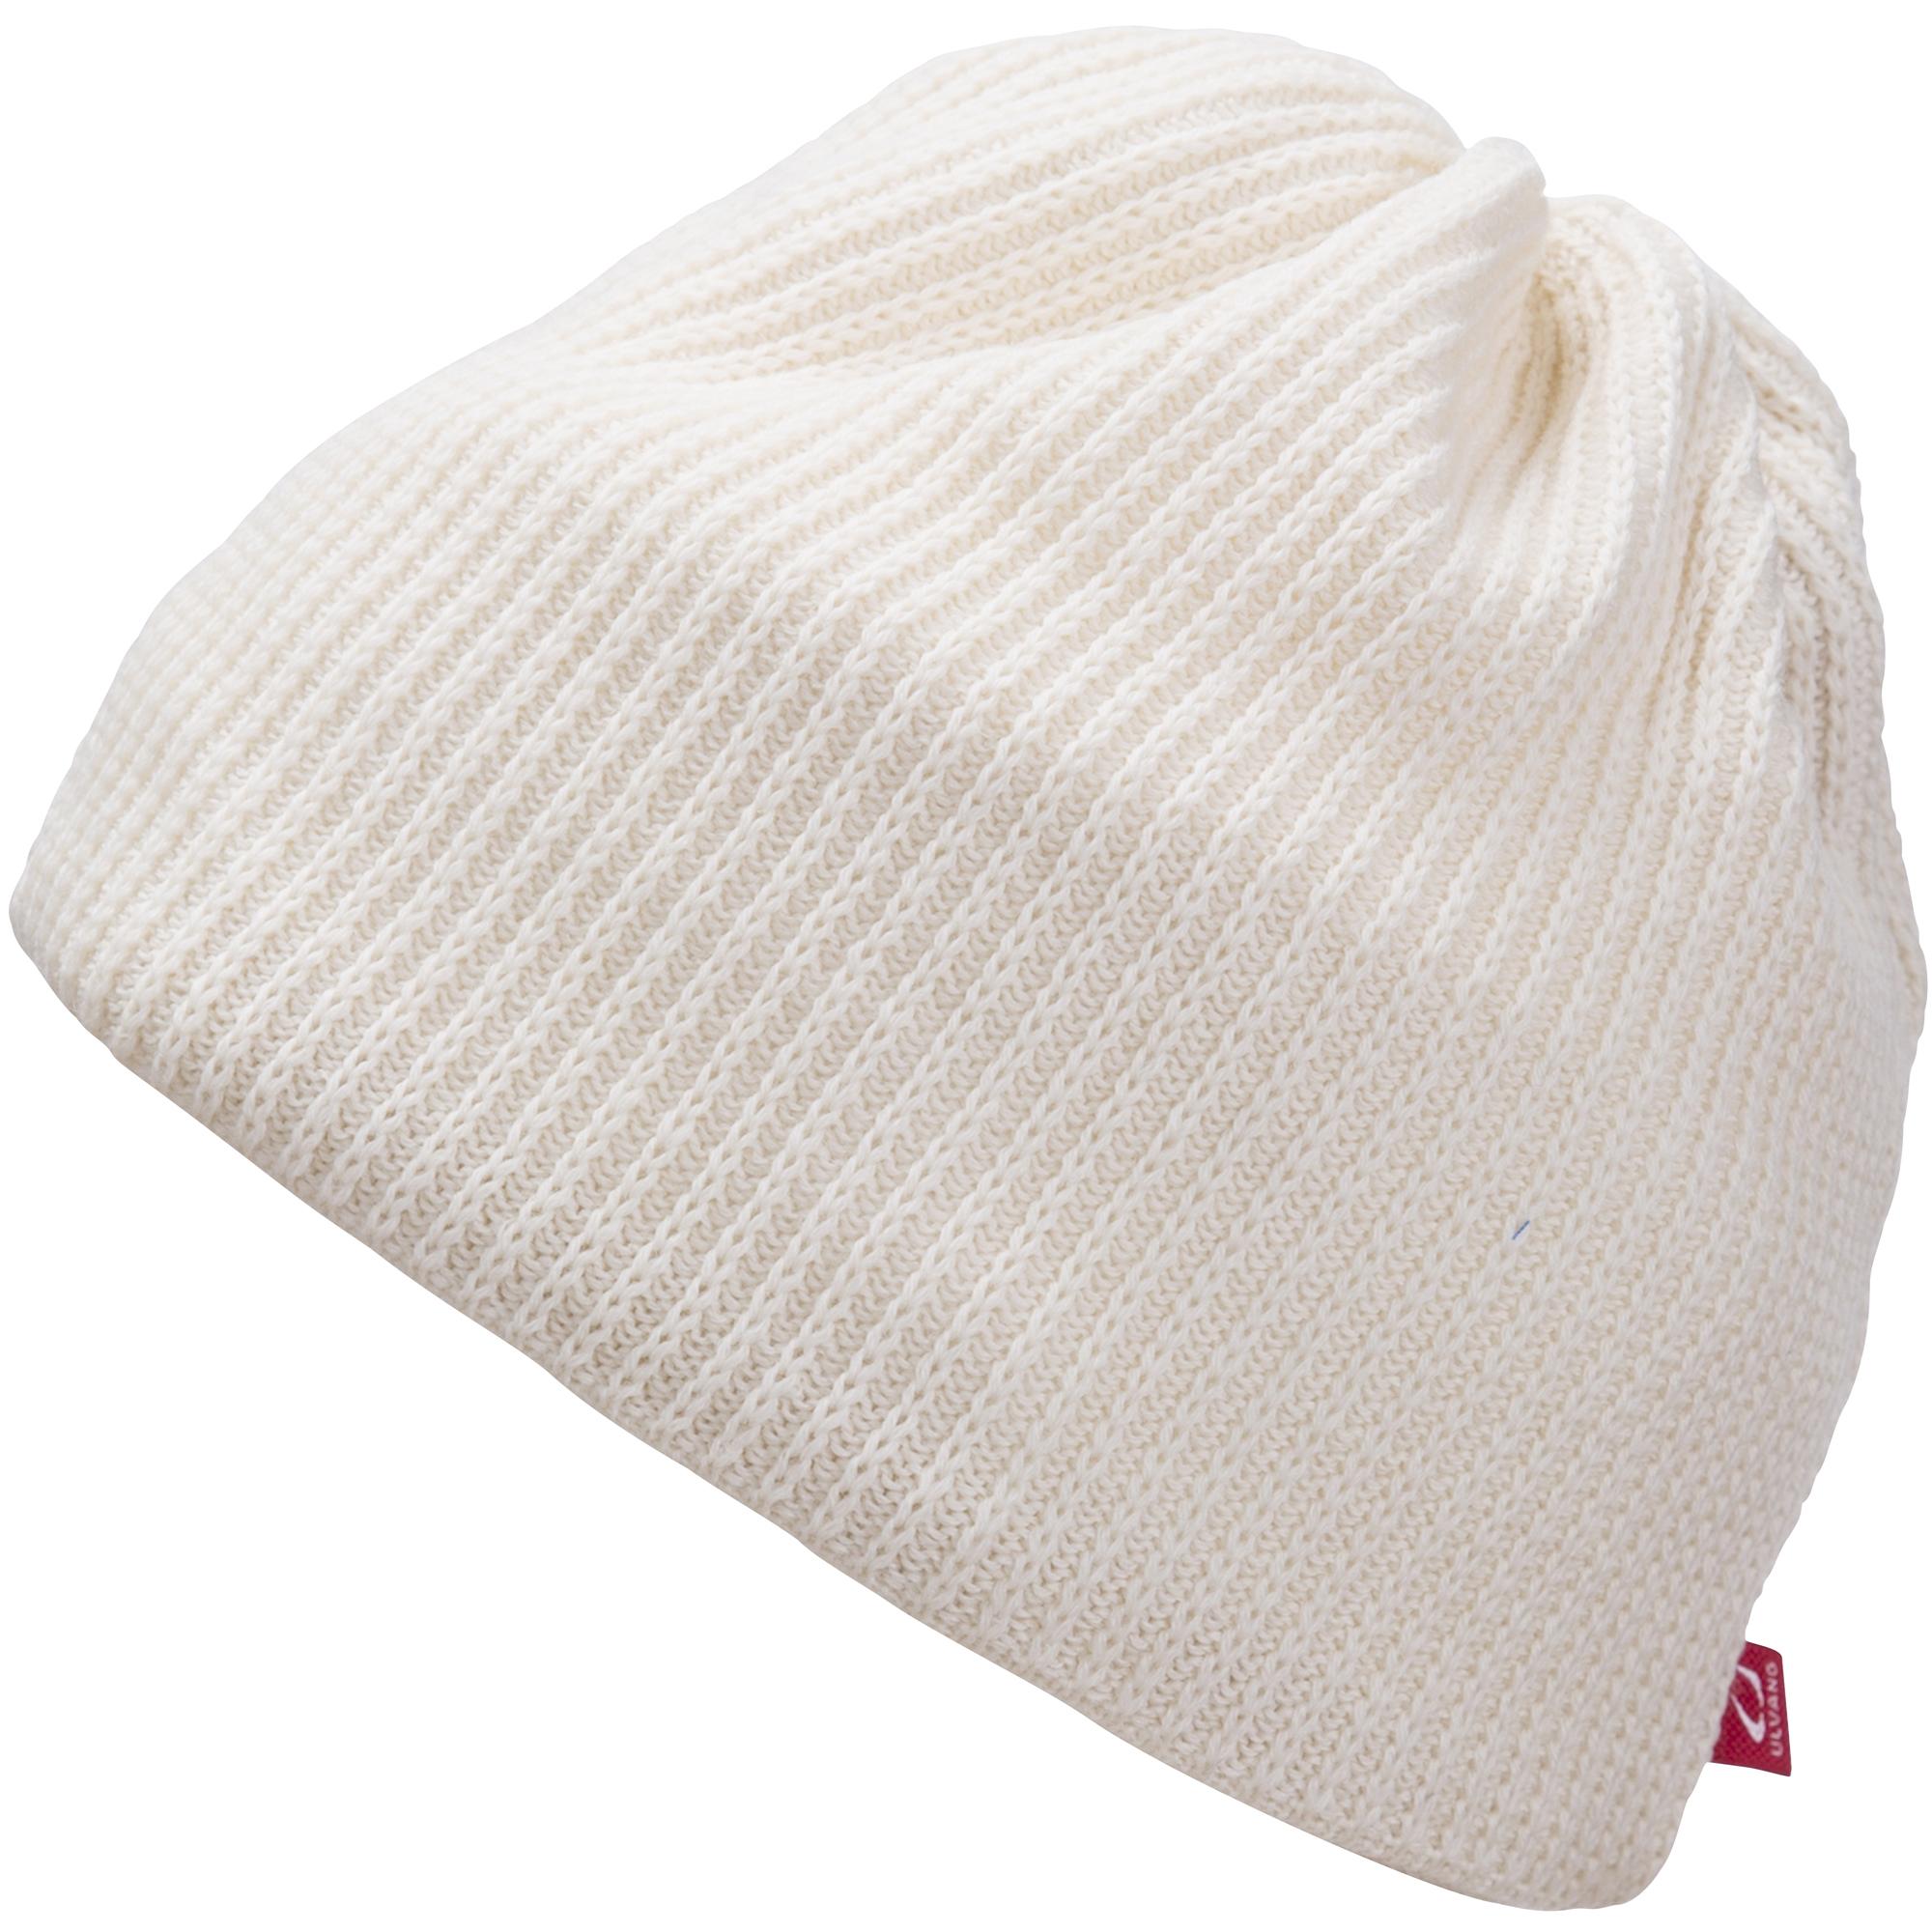 Ulvang Rim Windproof Hat - Uld hue vindtæt - Hvid | Headwear